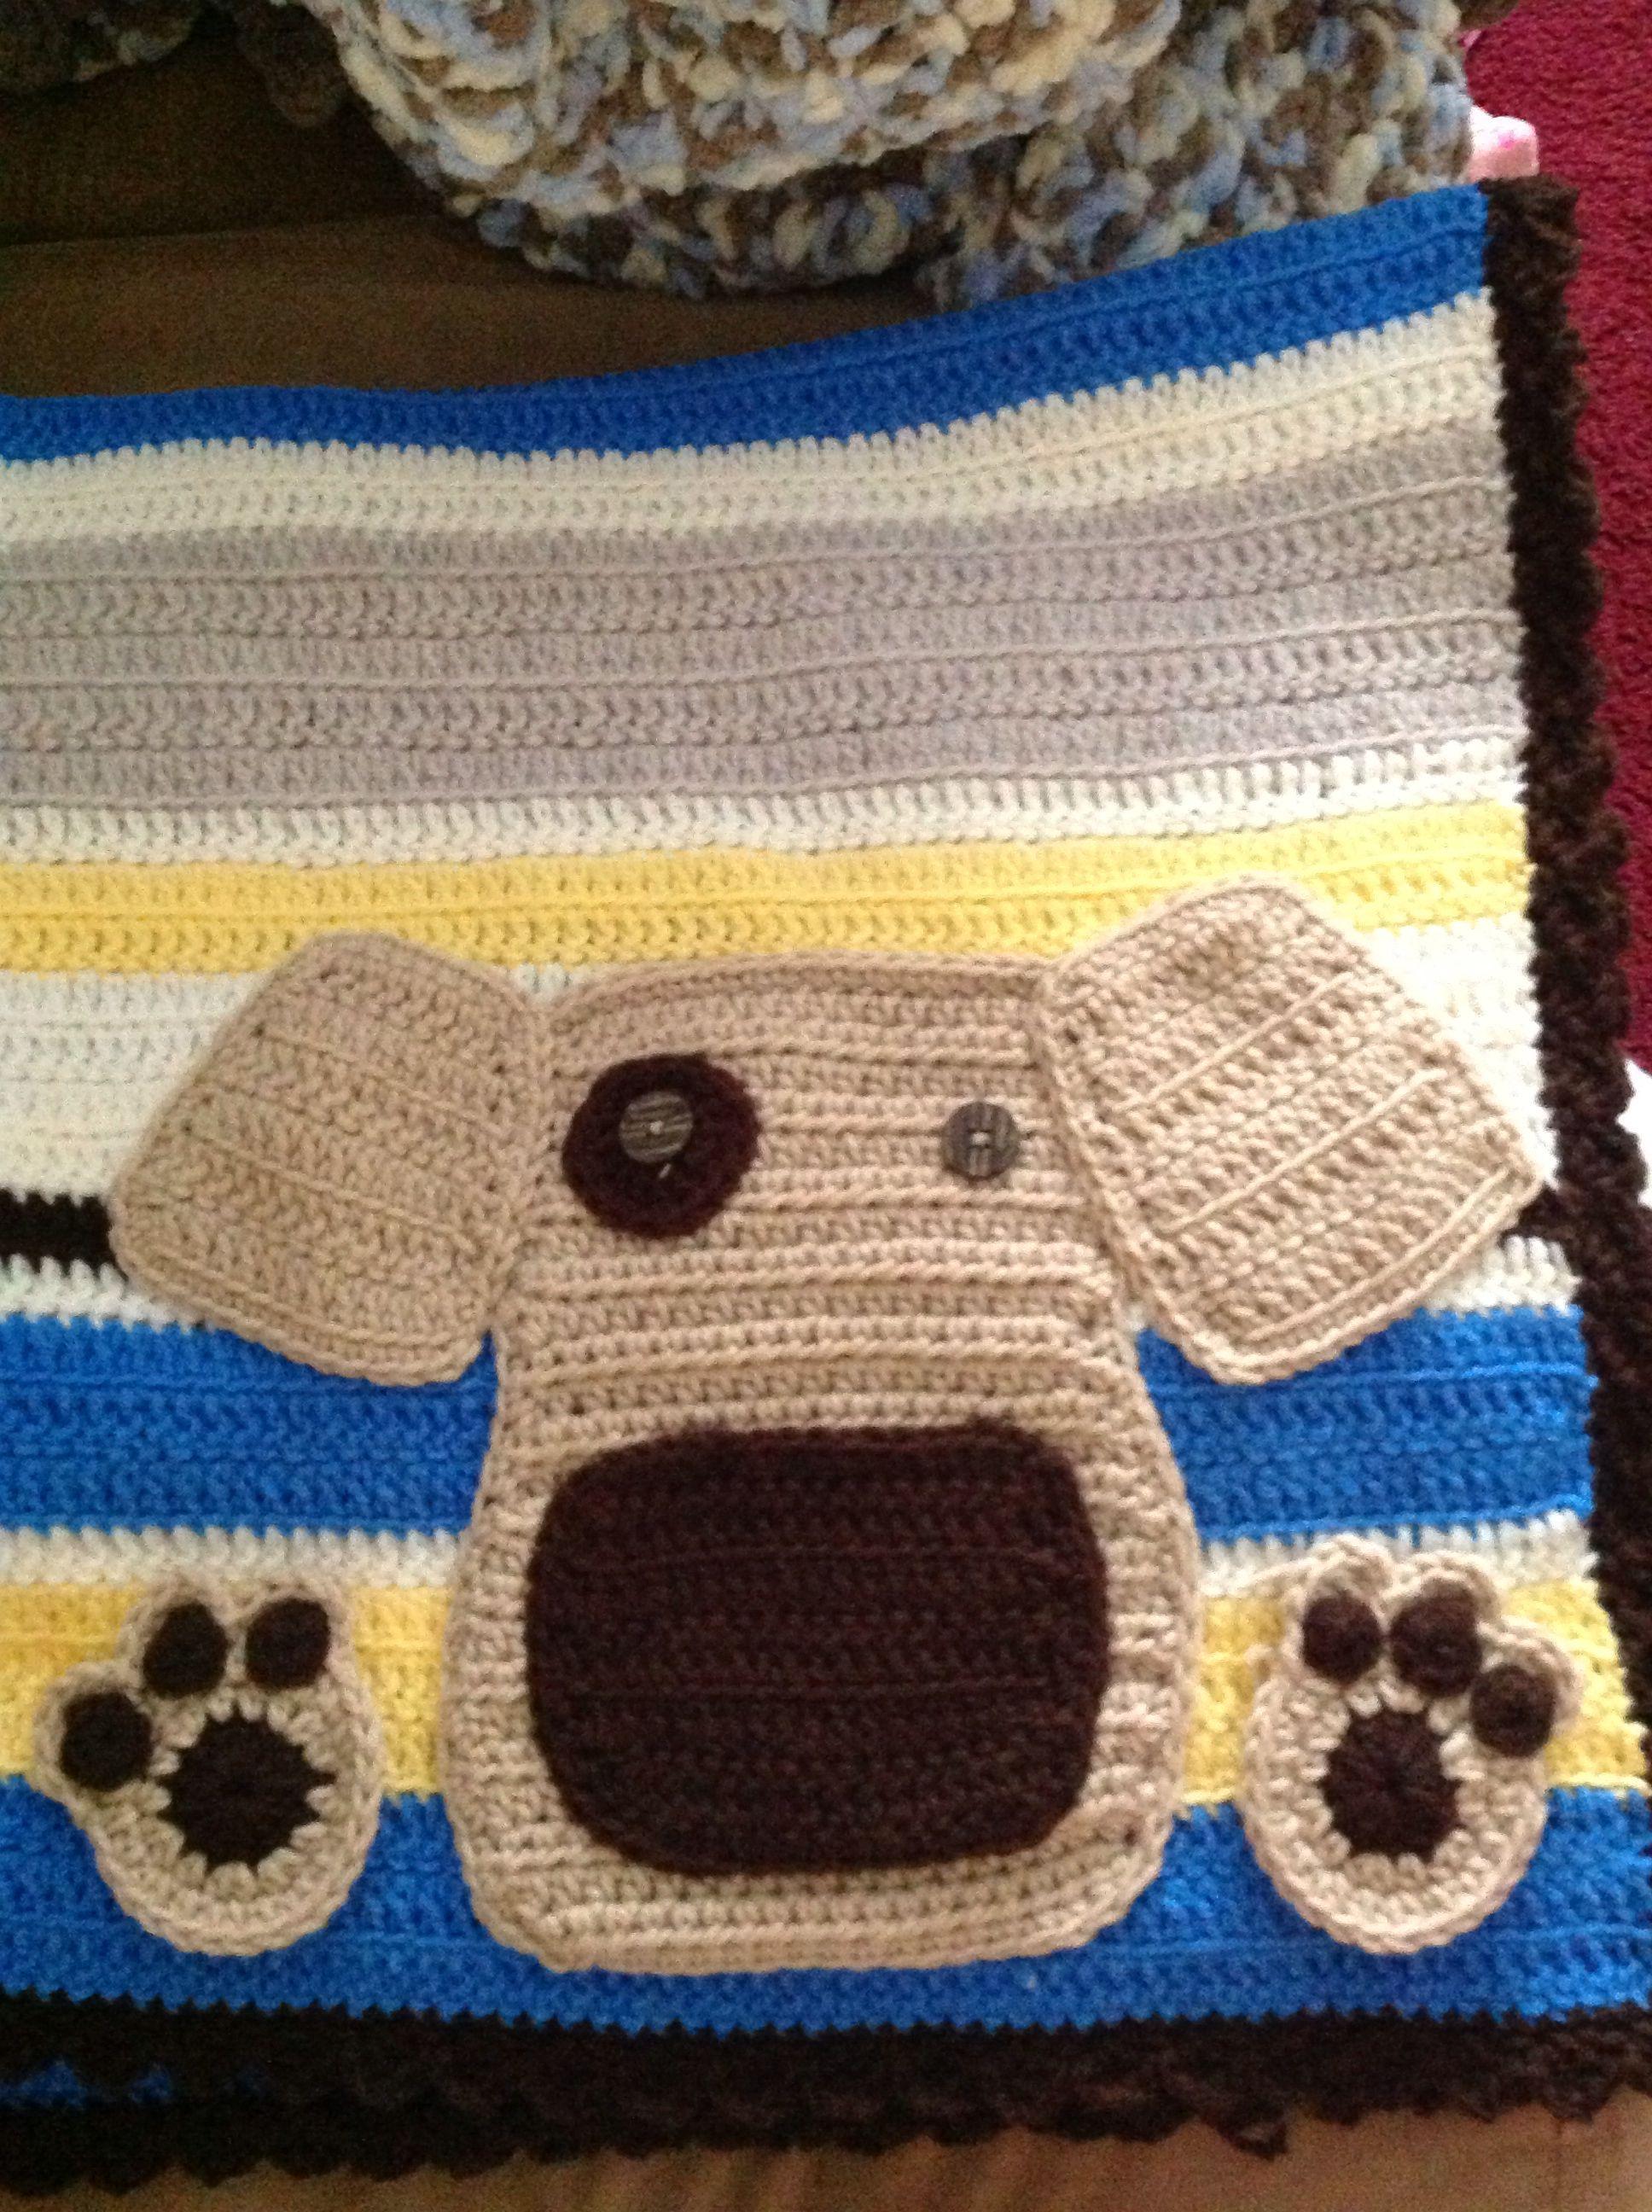 Crochet Pattern For Dog Blanket : Dog crochet blanket. Crafts Pinterest